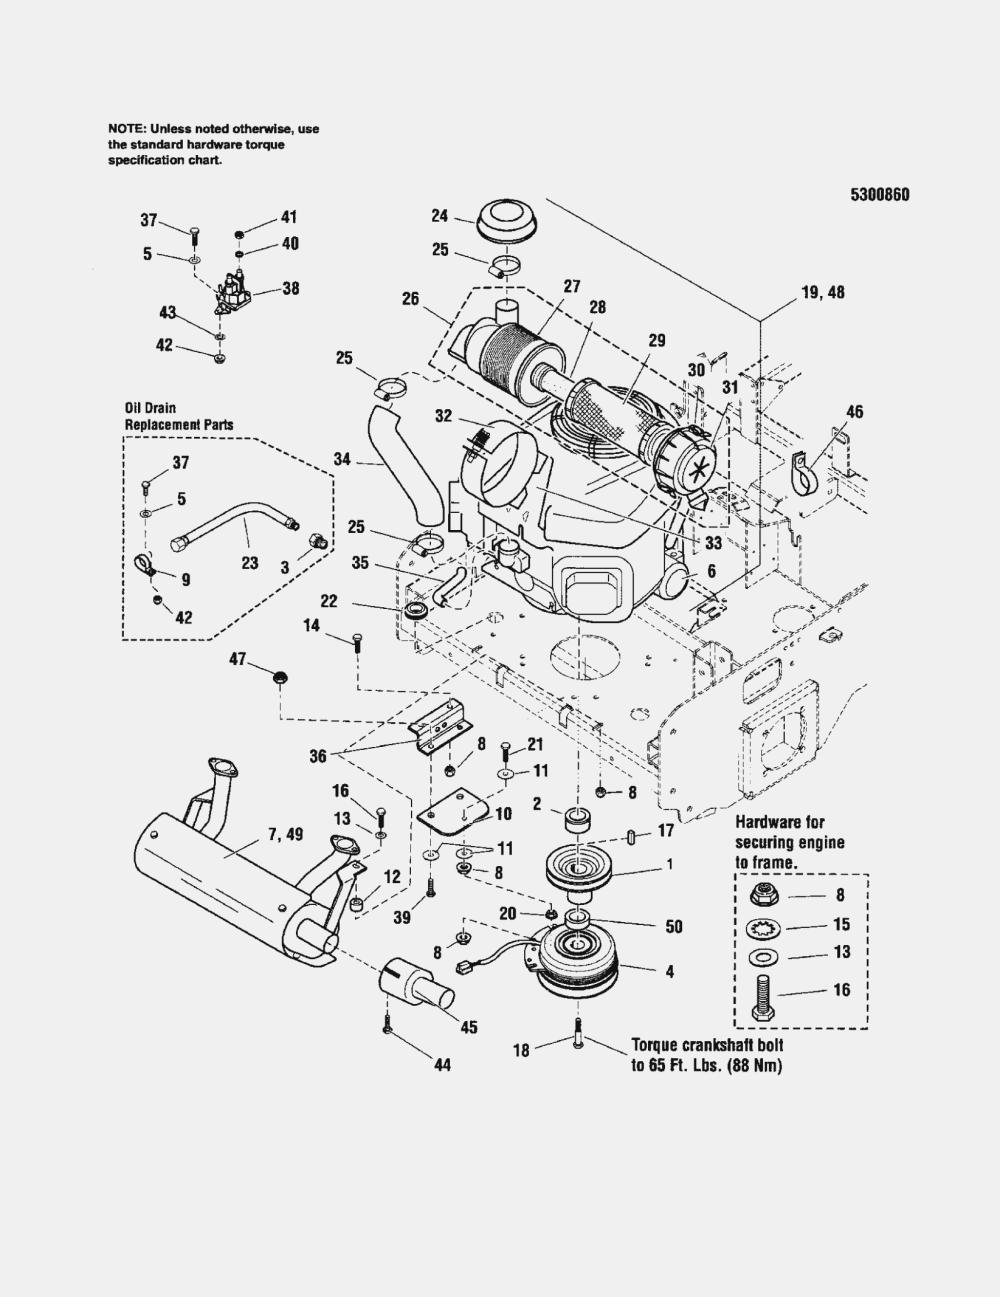 medium resolution of 1645x2134 wiring diagram for toro zero turn mower zero turn mower drawing